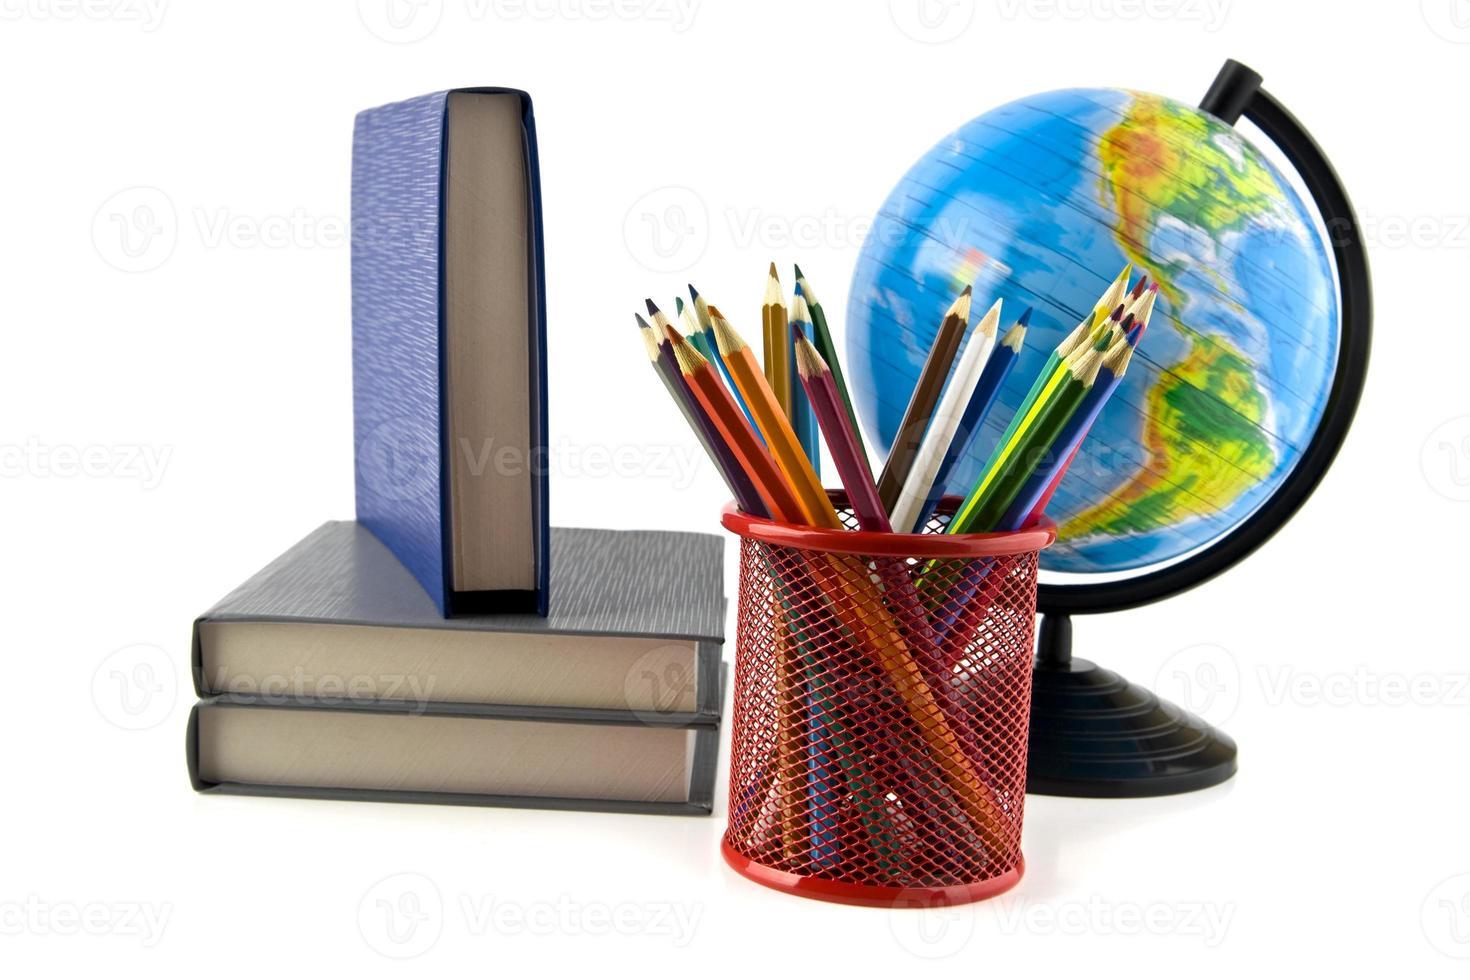 libri, matite e globo foto